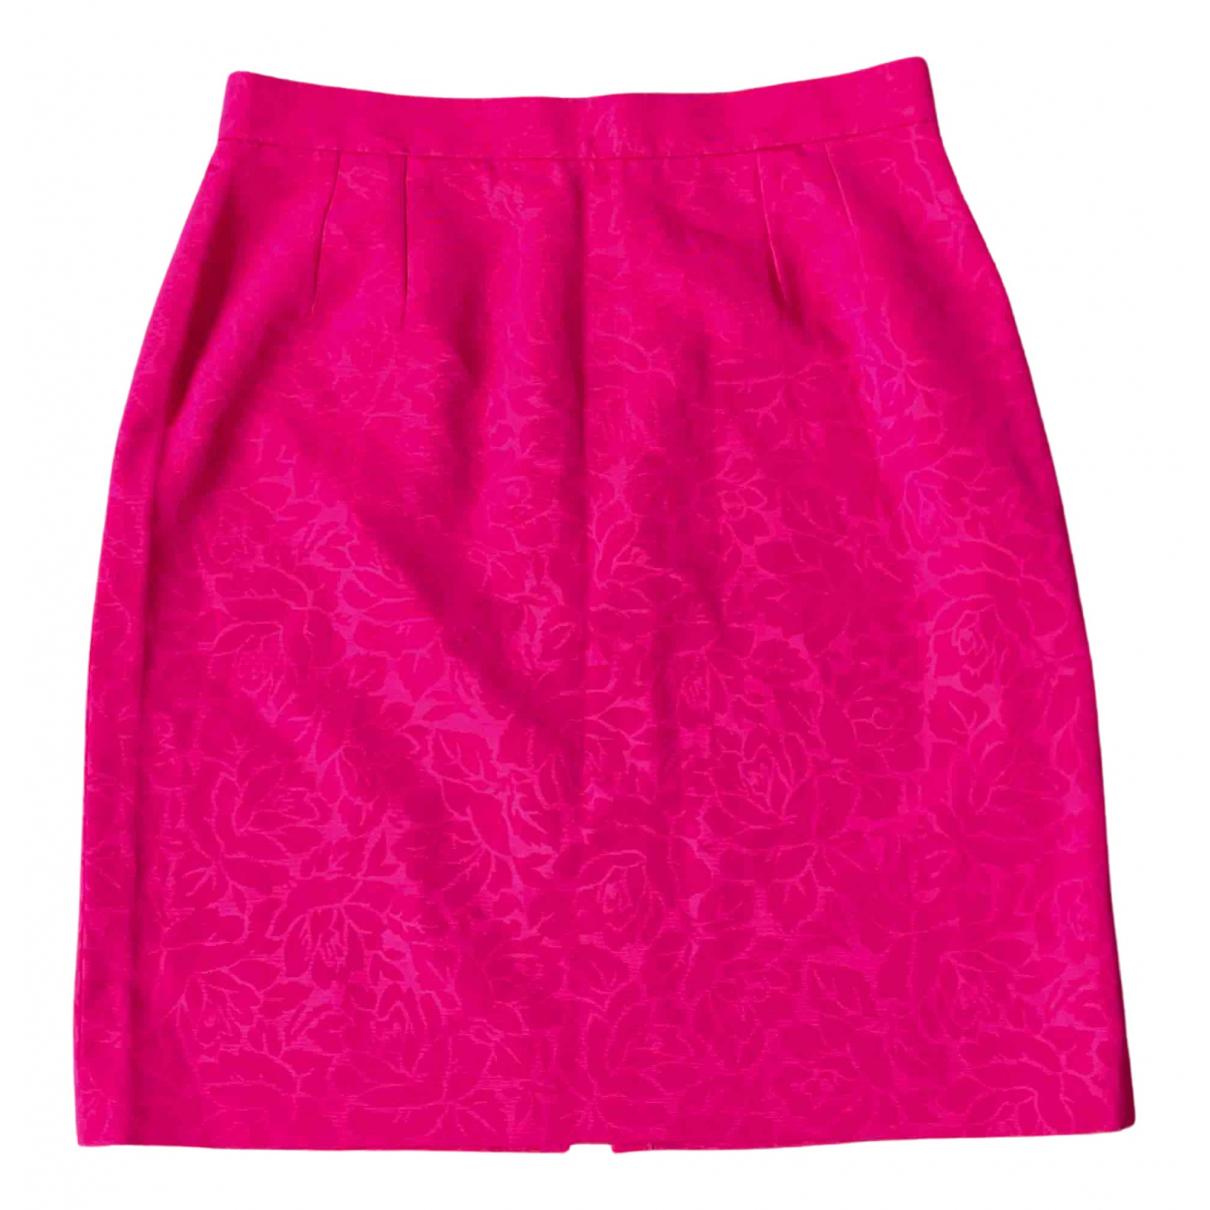 Yves Saint Laurent - Jupe   pour femme en coton - rose